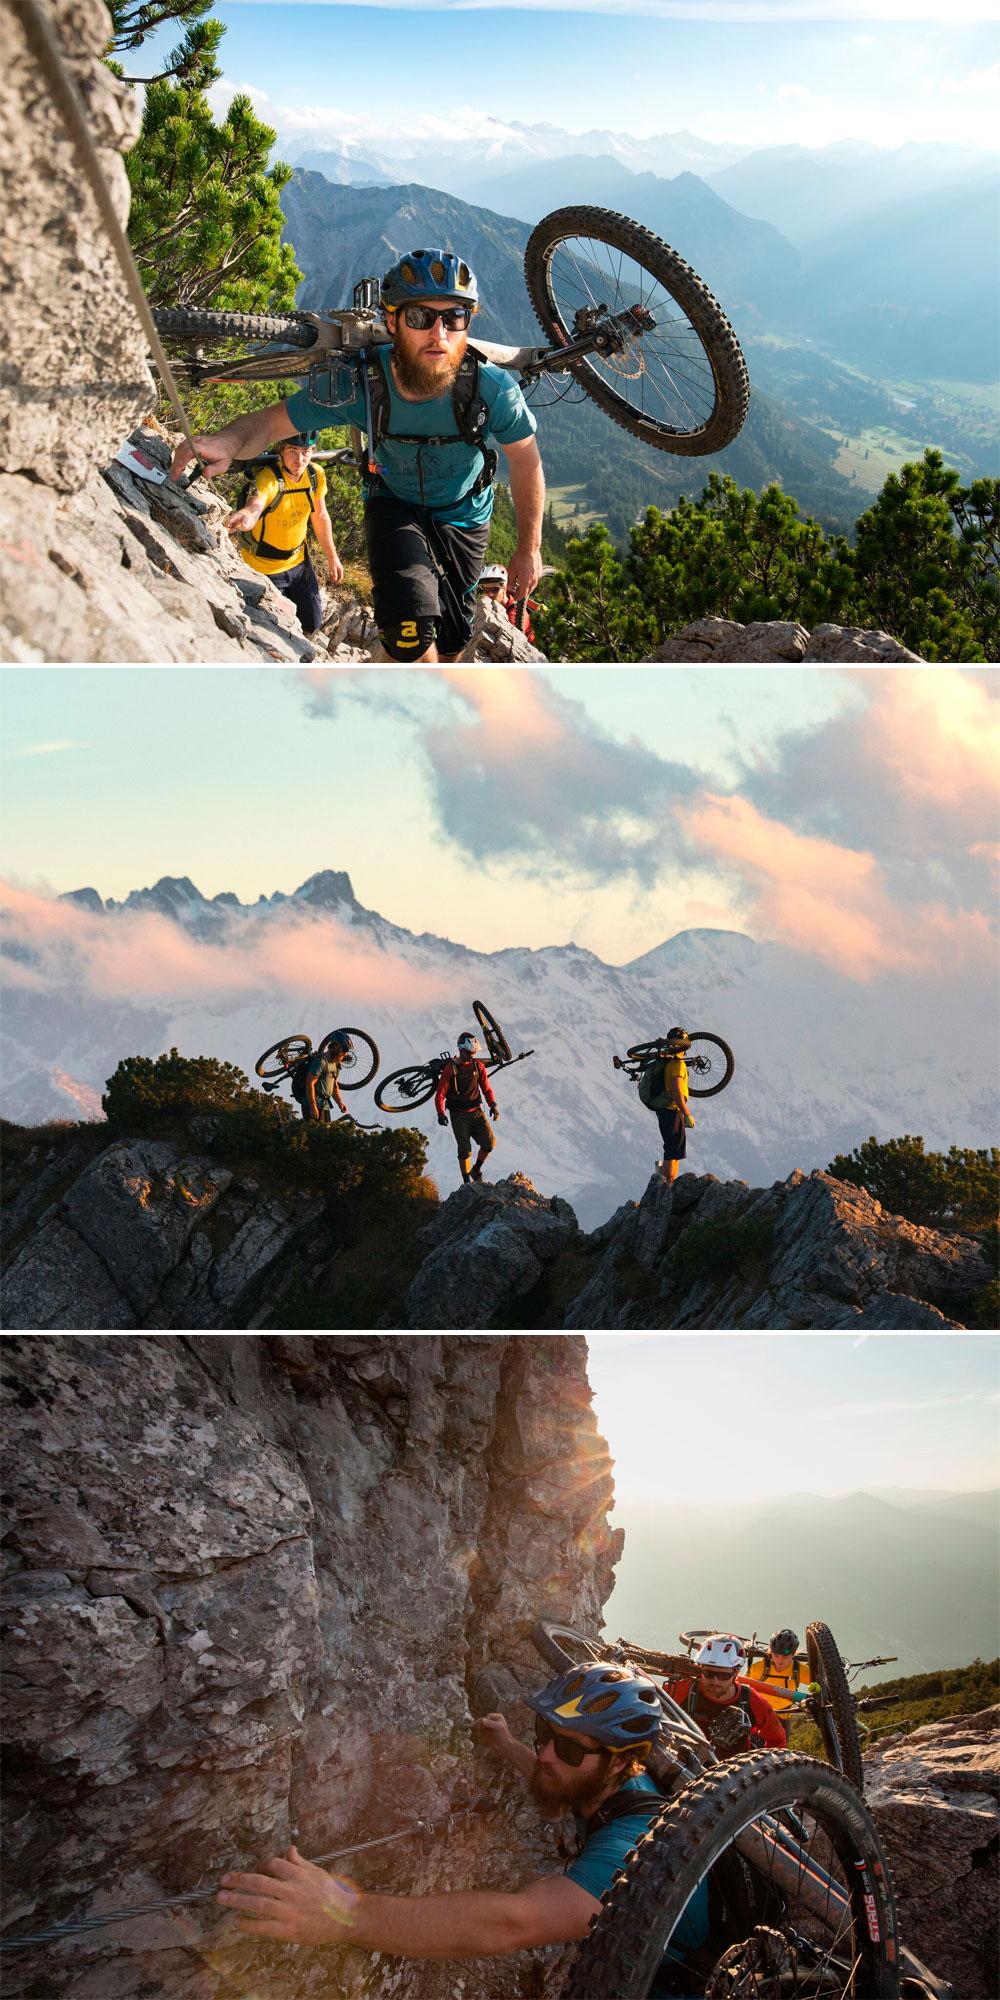 En TodoMountainBike: PeakRider, un práctico sistema para portear la bicicleta con total comodidad en los tramos más difíciles